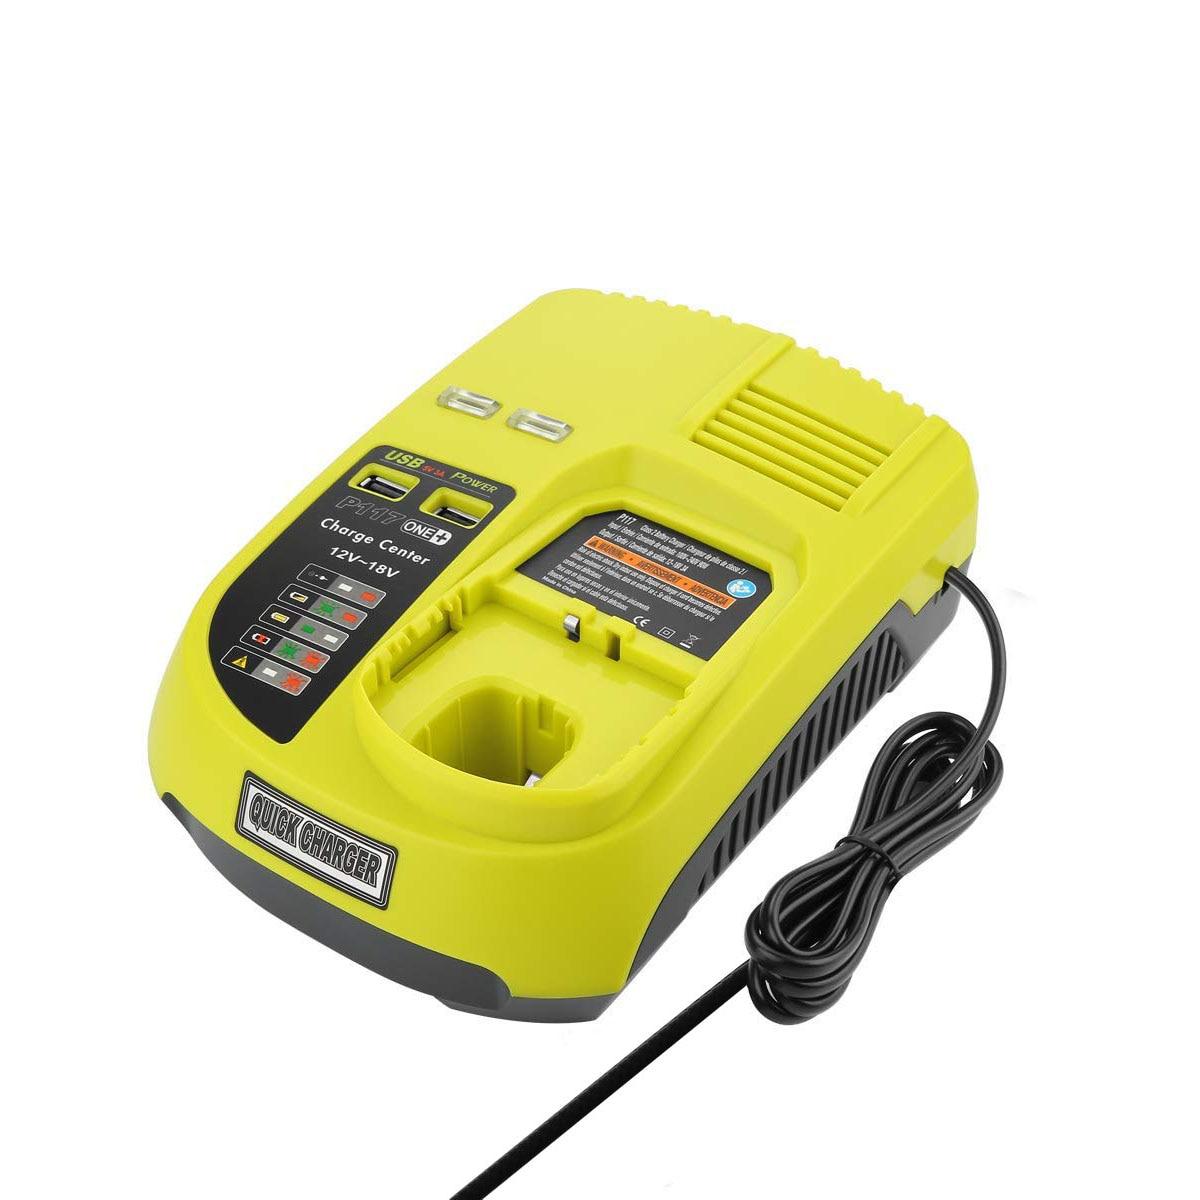 OPQ-3A 12 V 14.4 V 18 V pour Ryobi P117 chargeur de batterie Rechargeable batterie Pack outil électrique ni-cd Ni-Mh Li-Ion P110, P111, P107, P